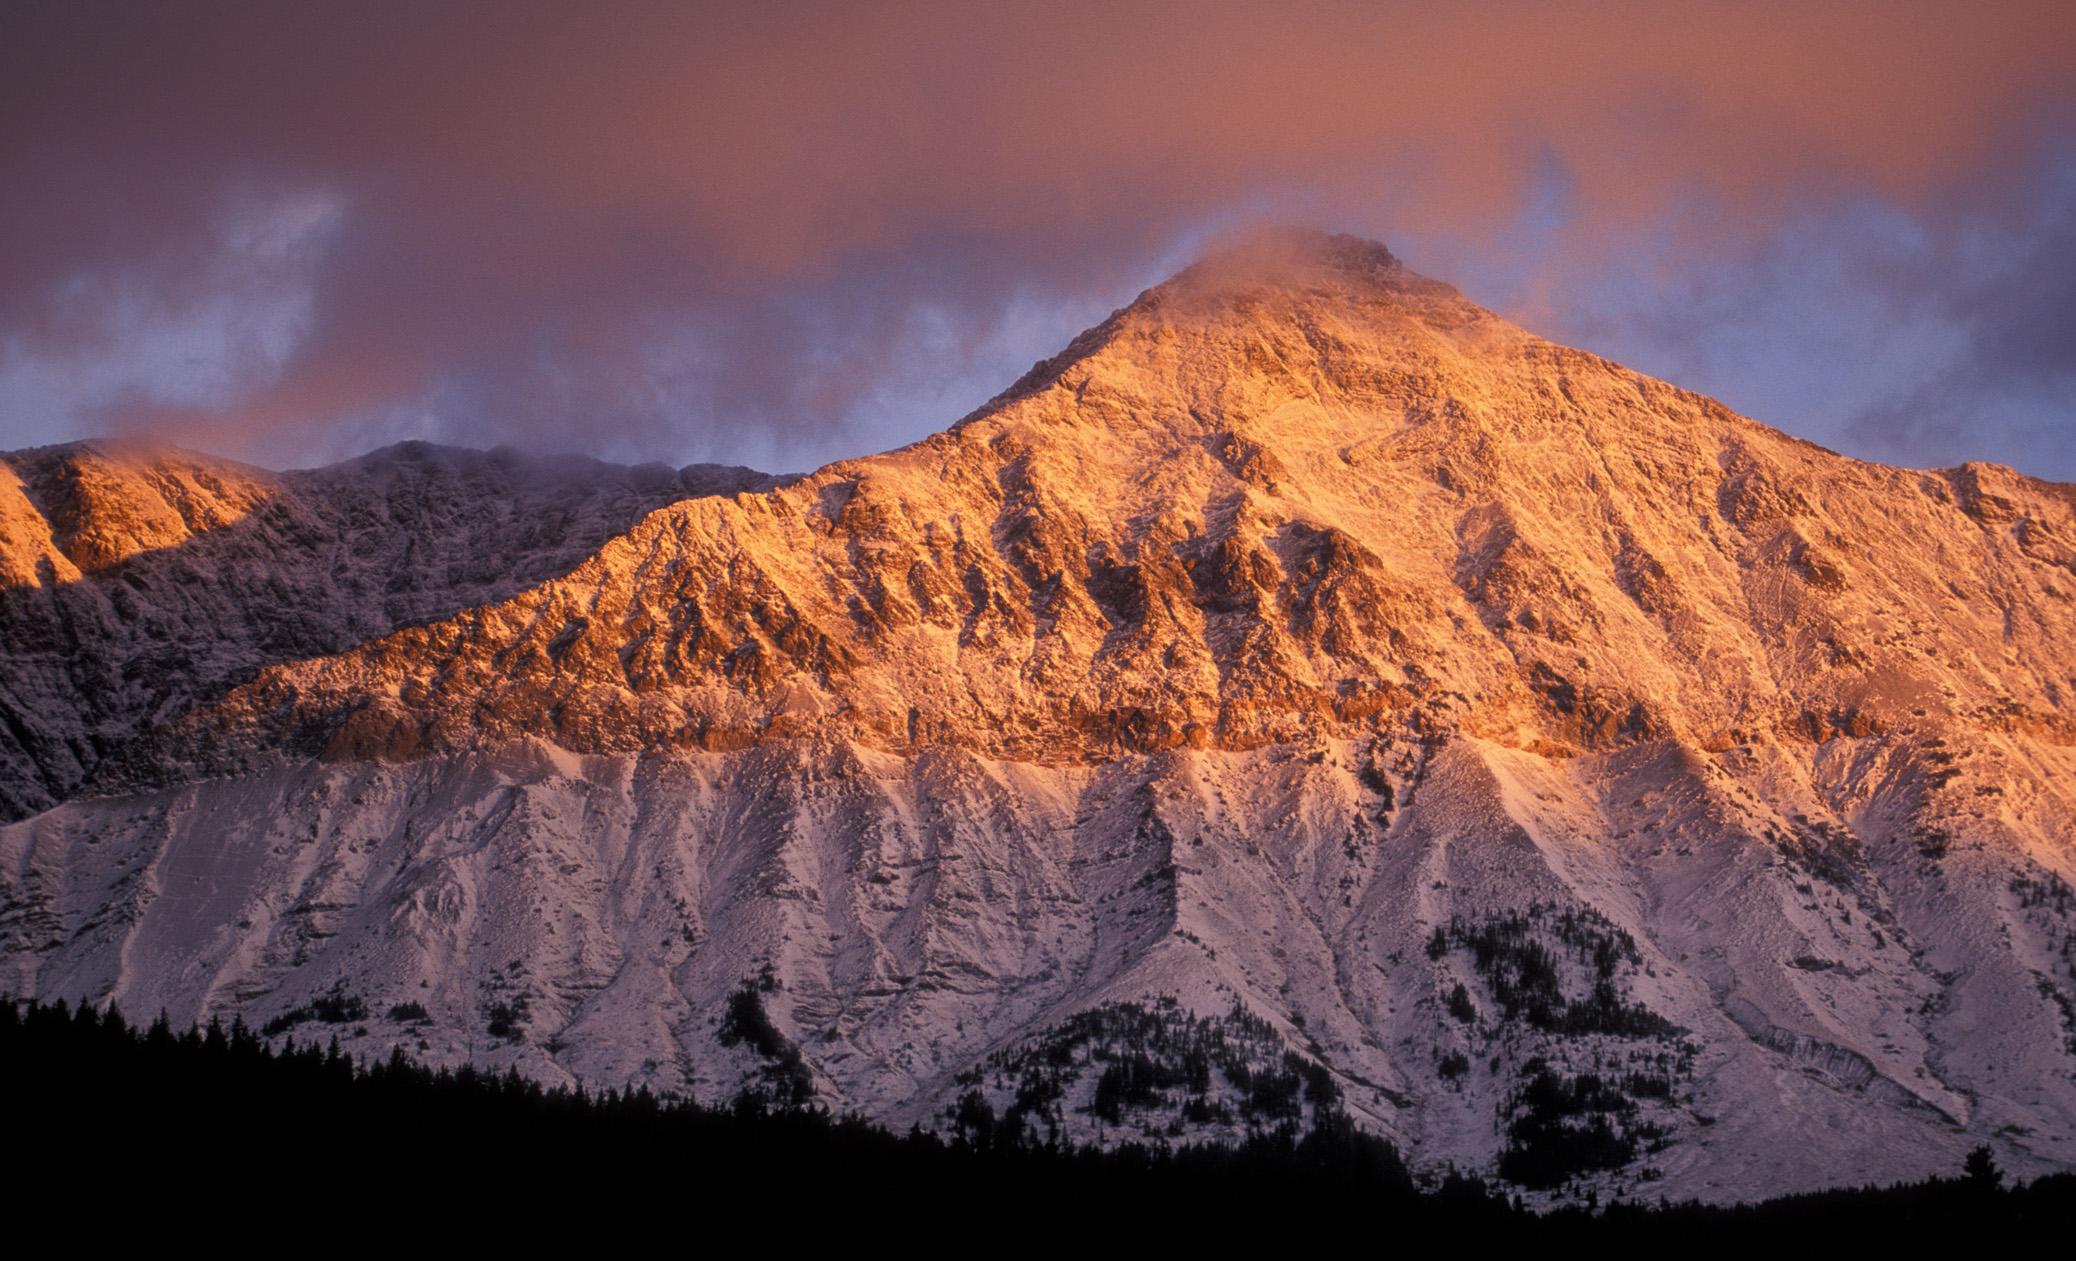 بازتاب غروب خورشید بر روی برف های کوهستان (عکس تقدیمی از دفتر گردشگری مونتانا)